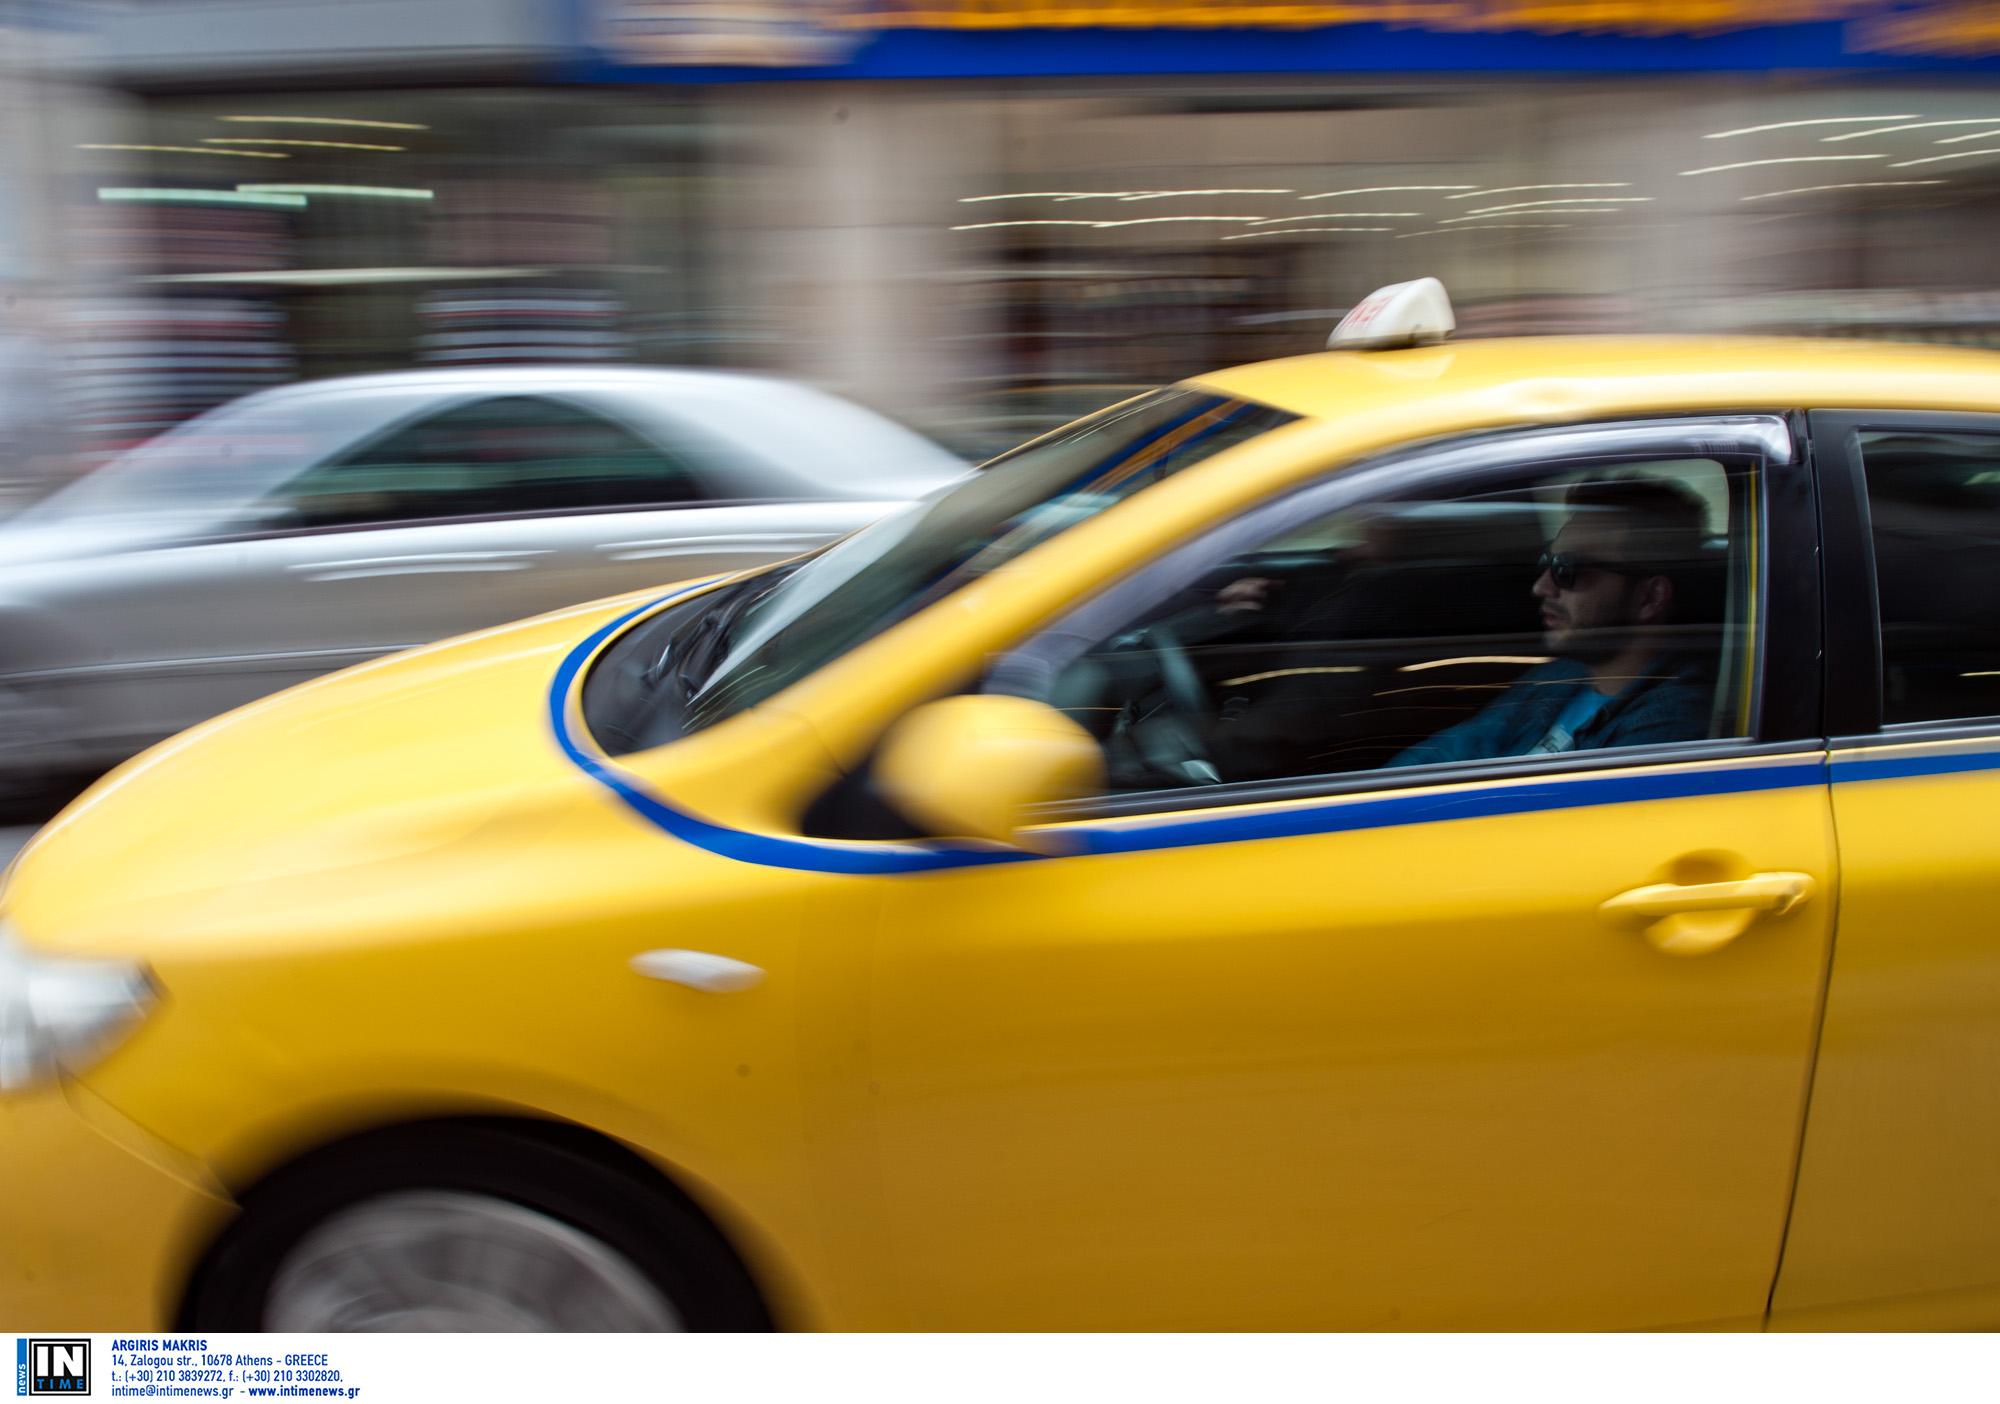 25χρονος οδηγός ταξί έκλεβε κάρτες ηλικιωμένων – Το κόλπο με το POS